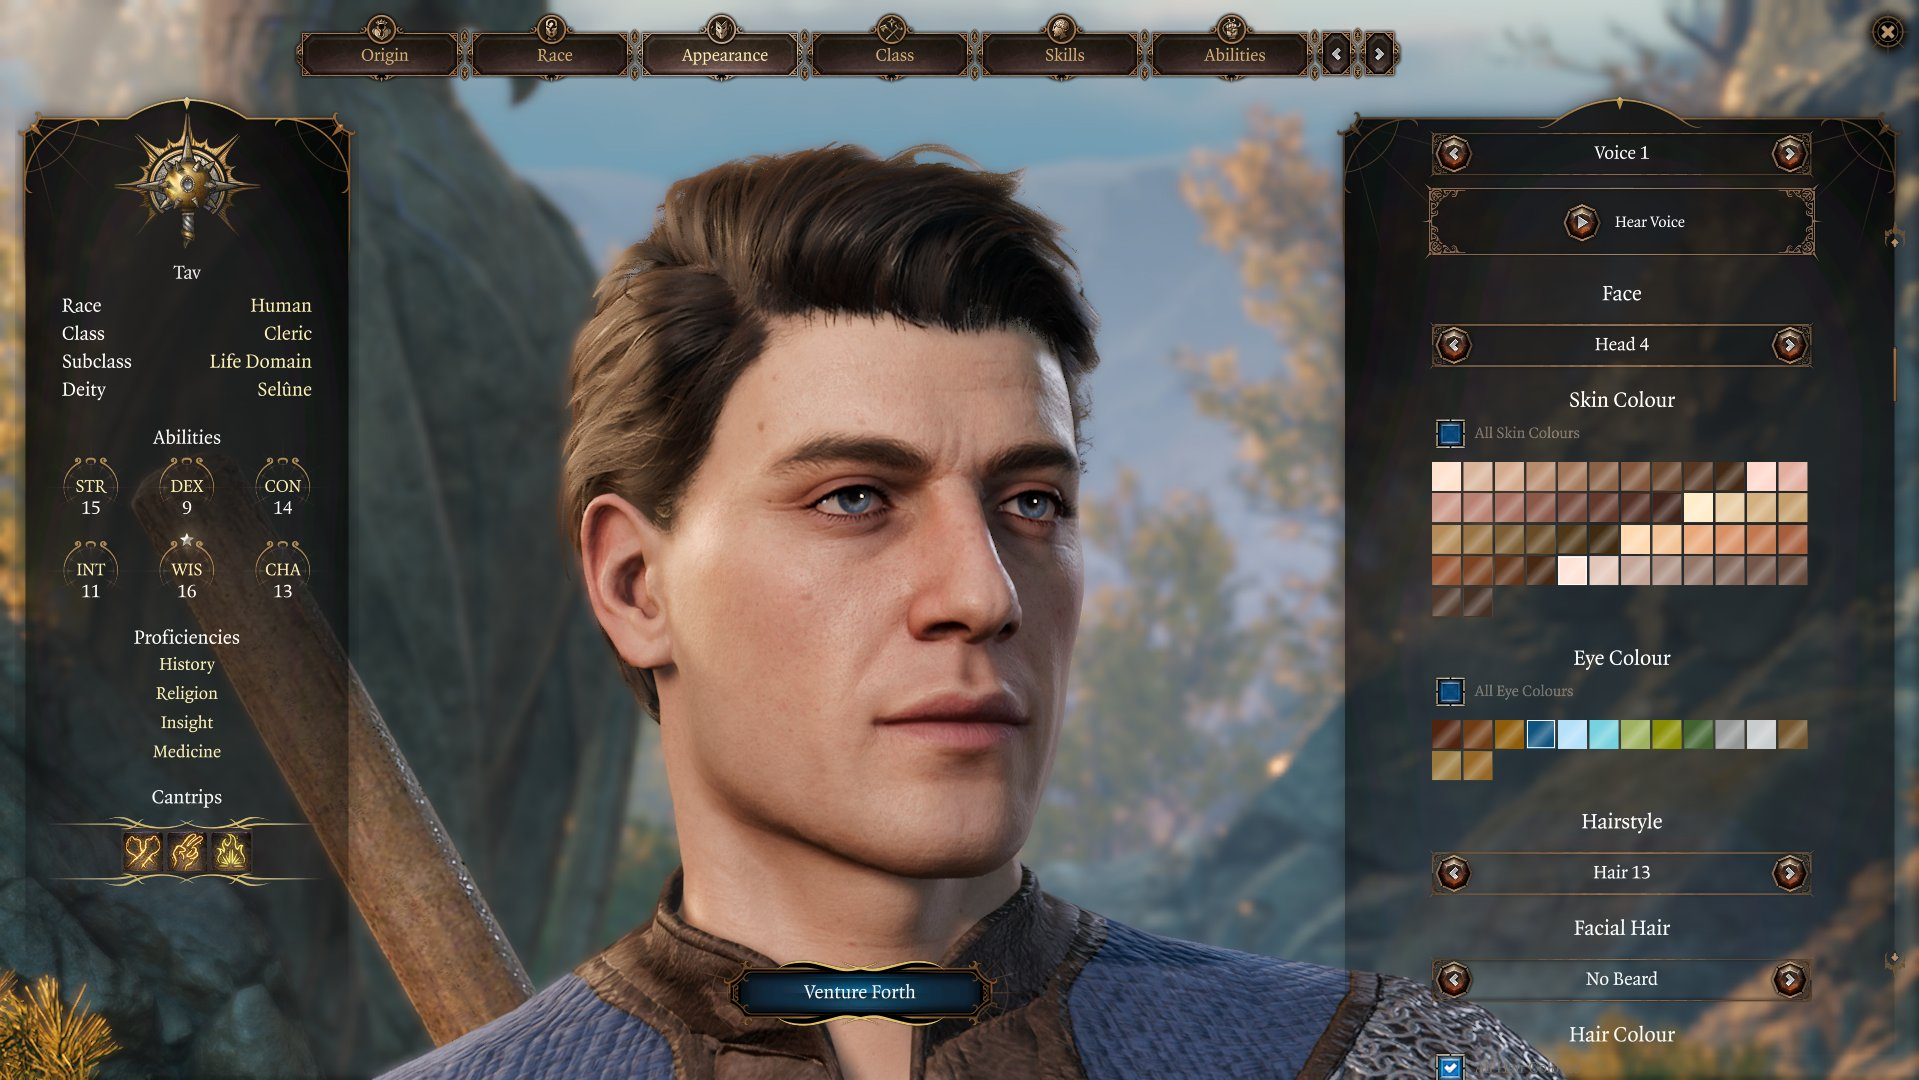 Разработчики Baldur's Gate пошутили натему среднестатистического персонажа, создаваемого игроками